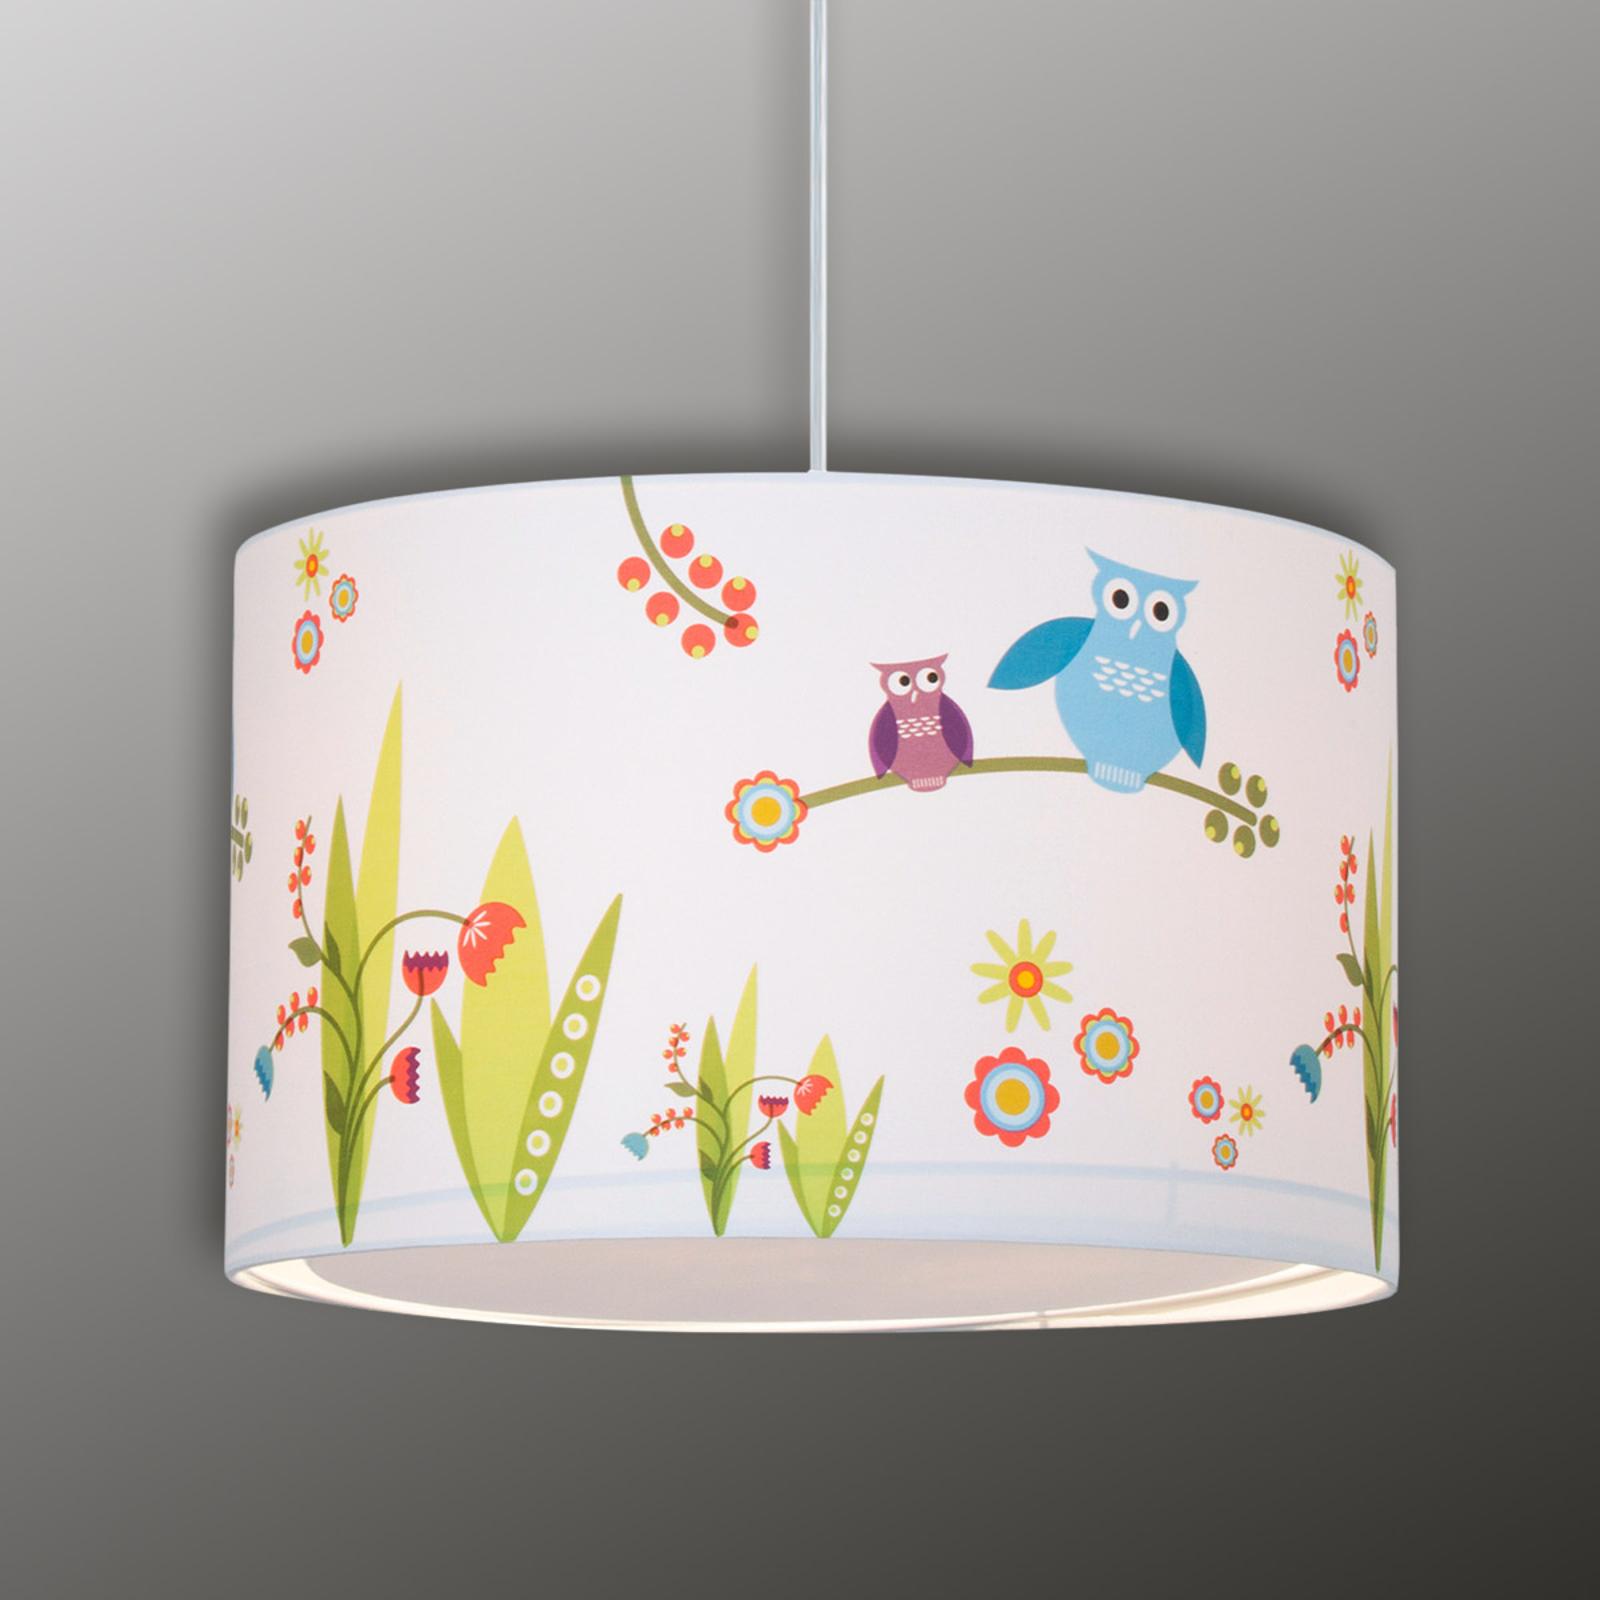 Alegre lámpara colgante Birds infantil